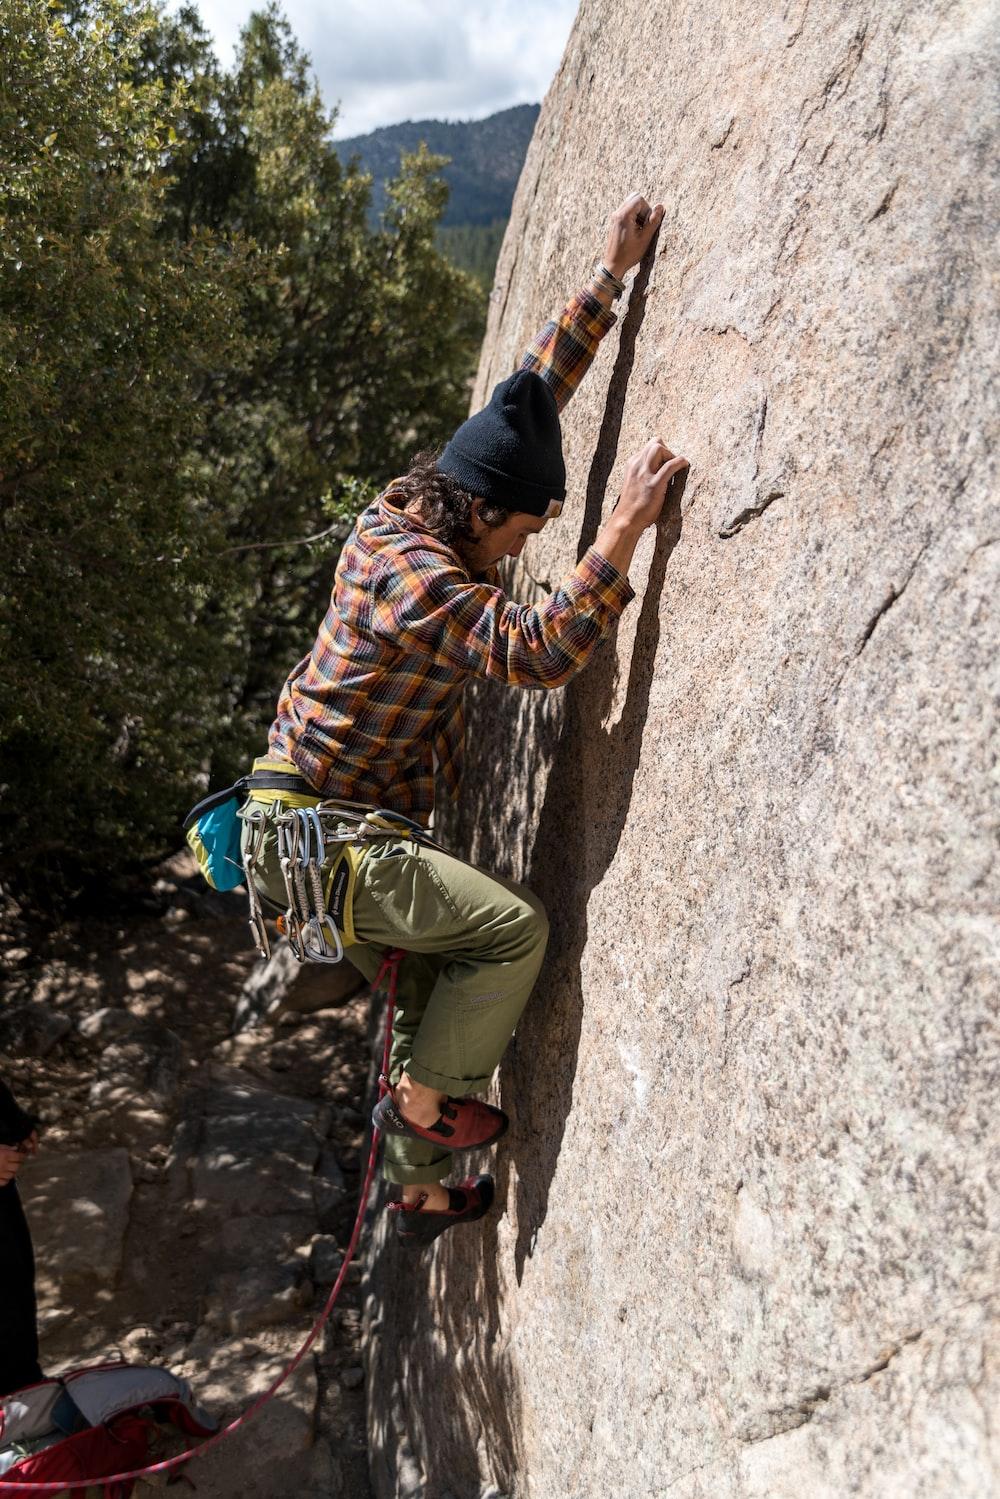 man climbing on rock during daytime